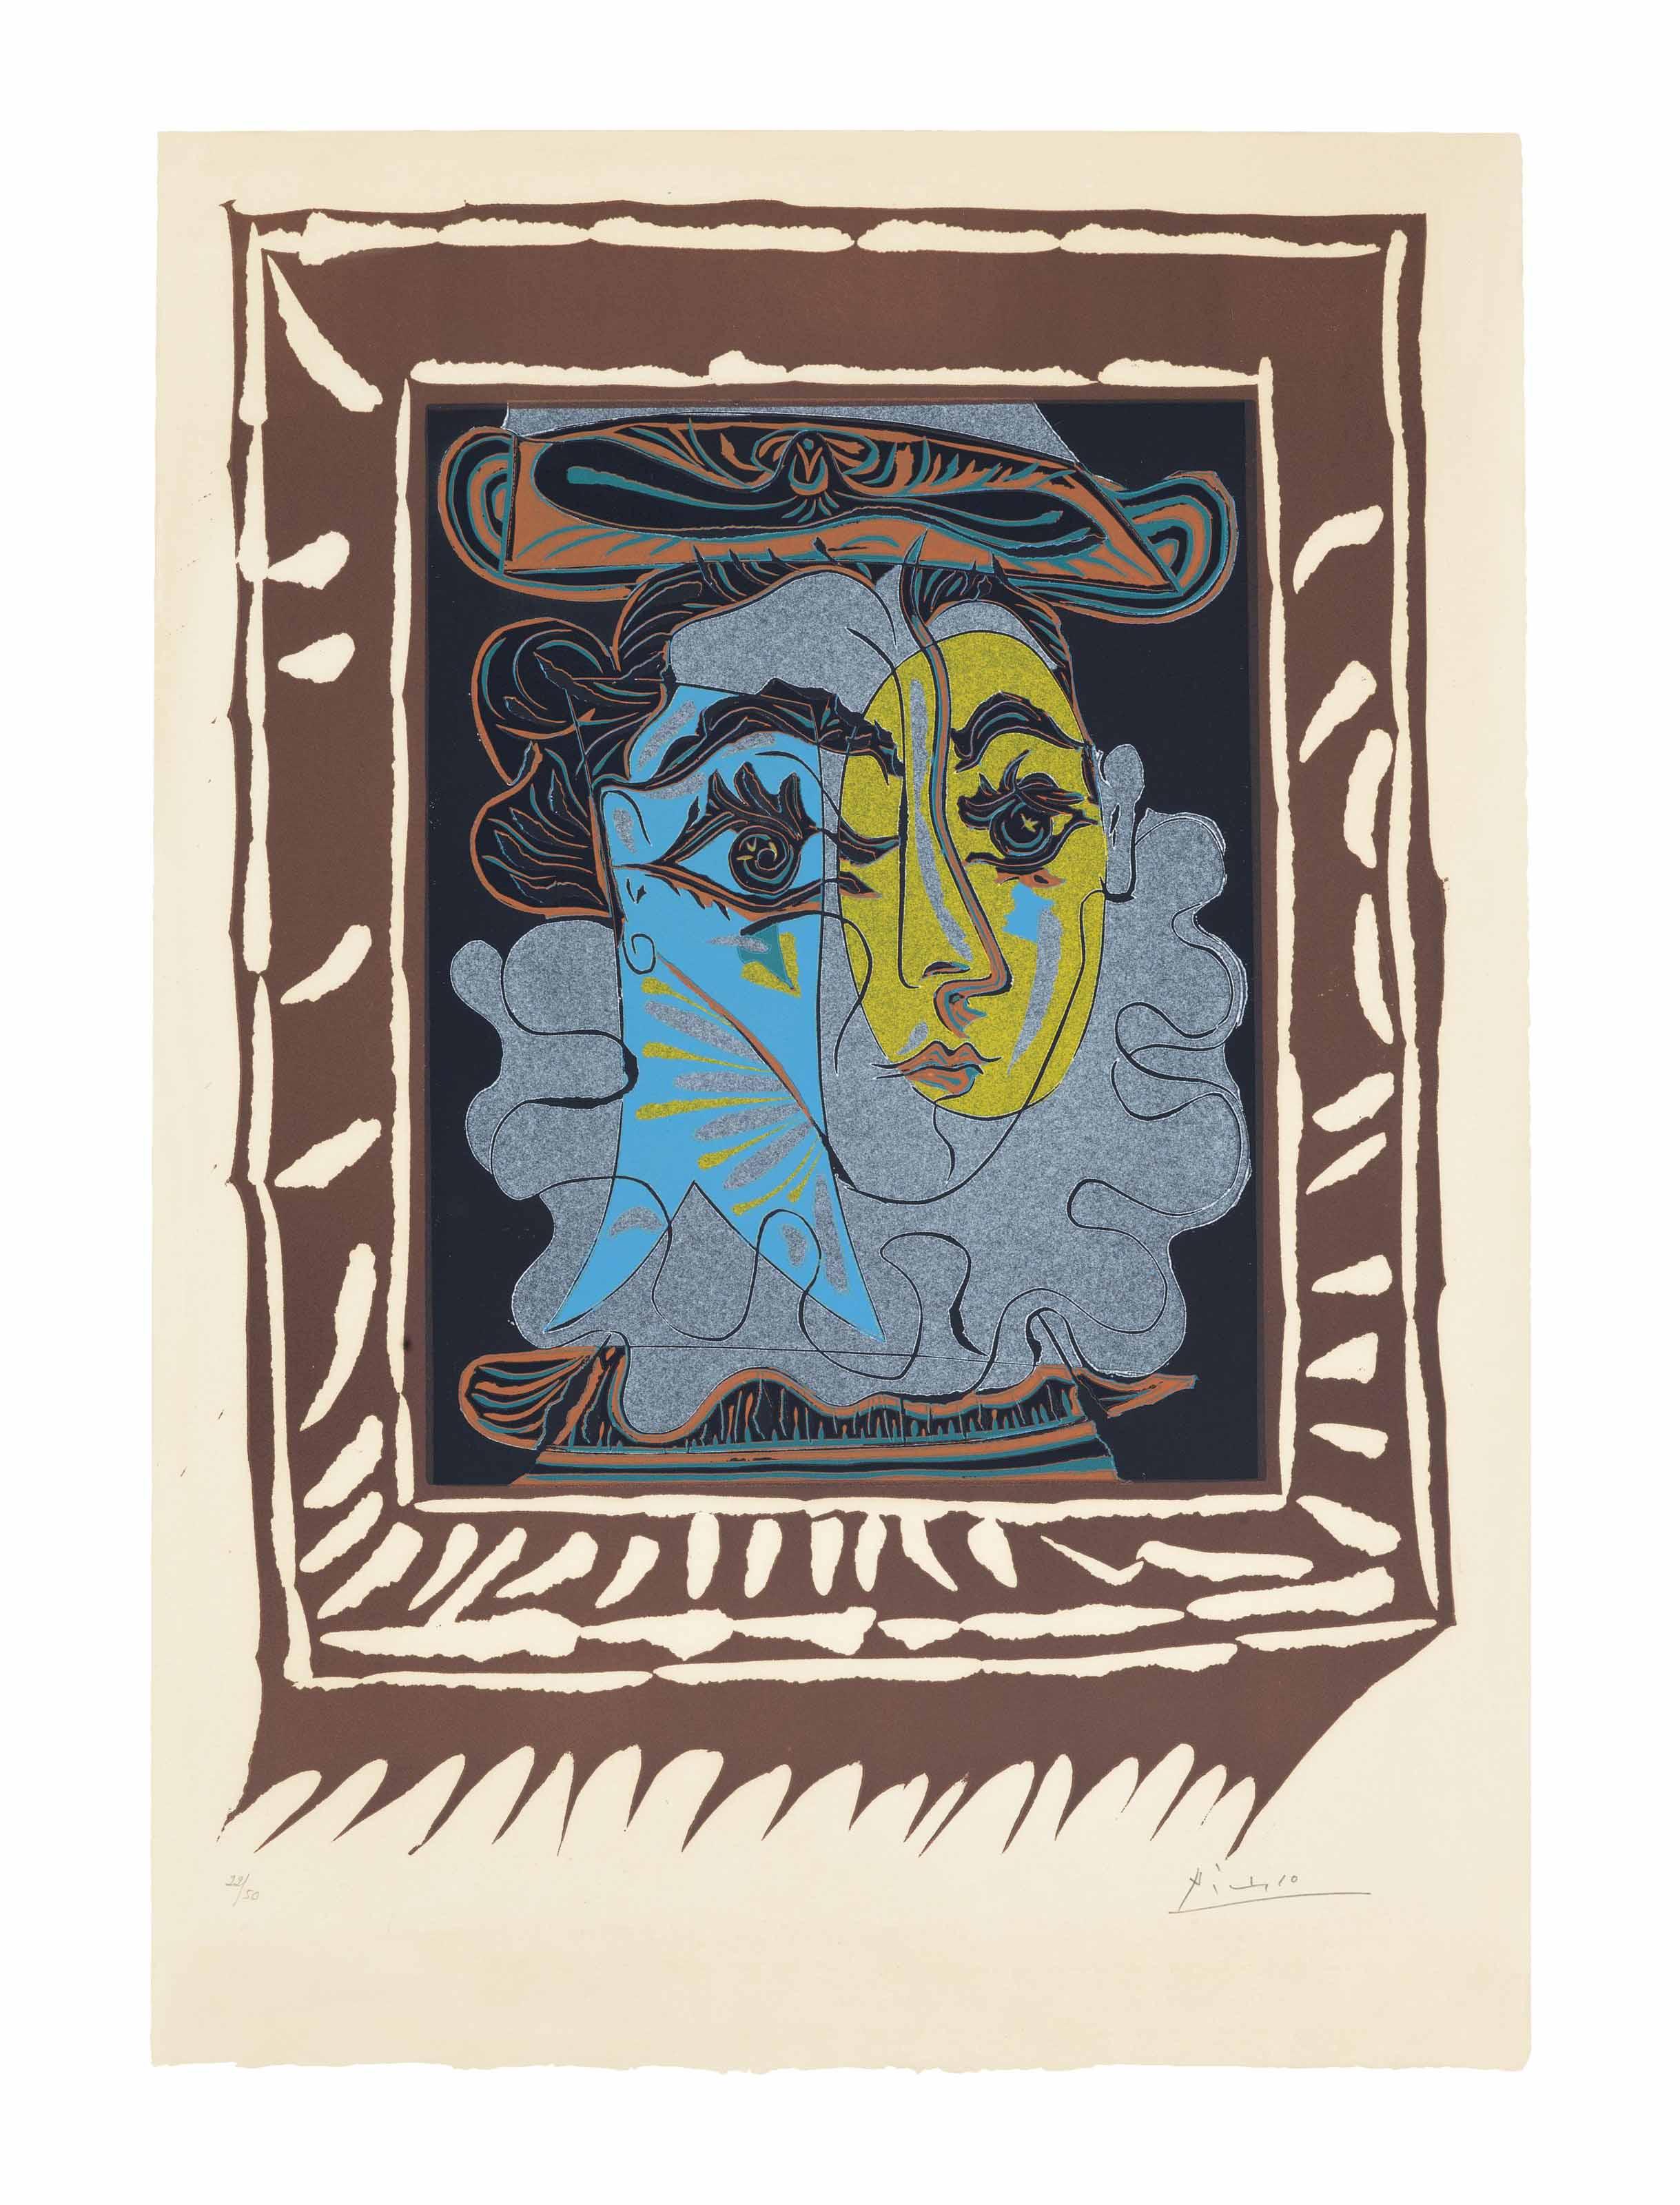 PABLO PICASSO (1881-19730